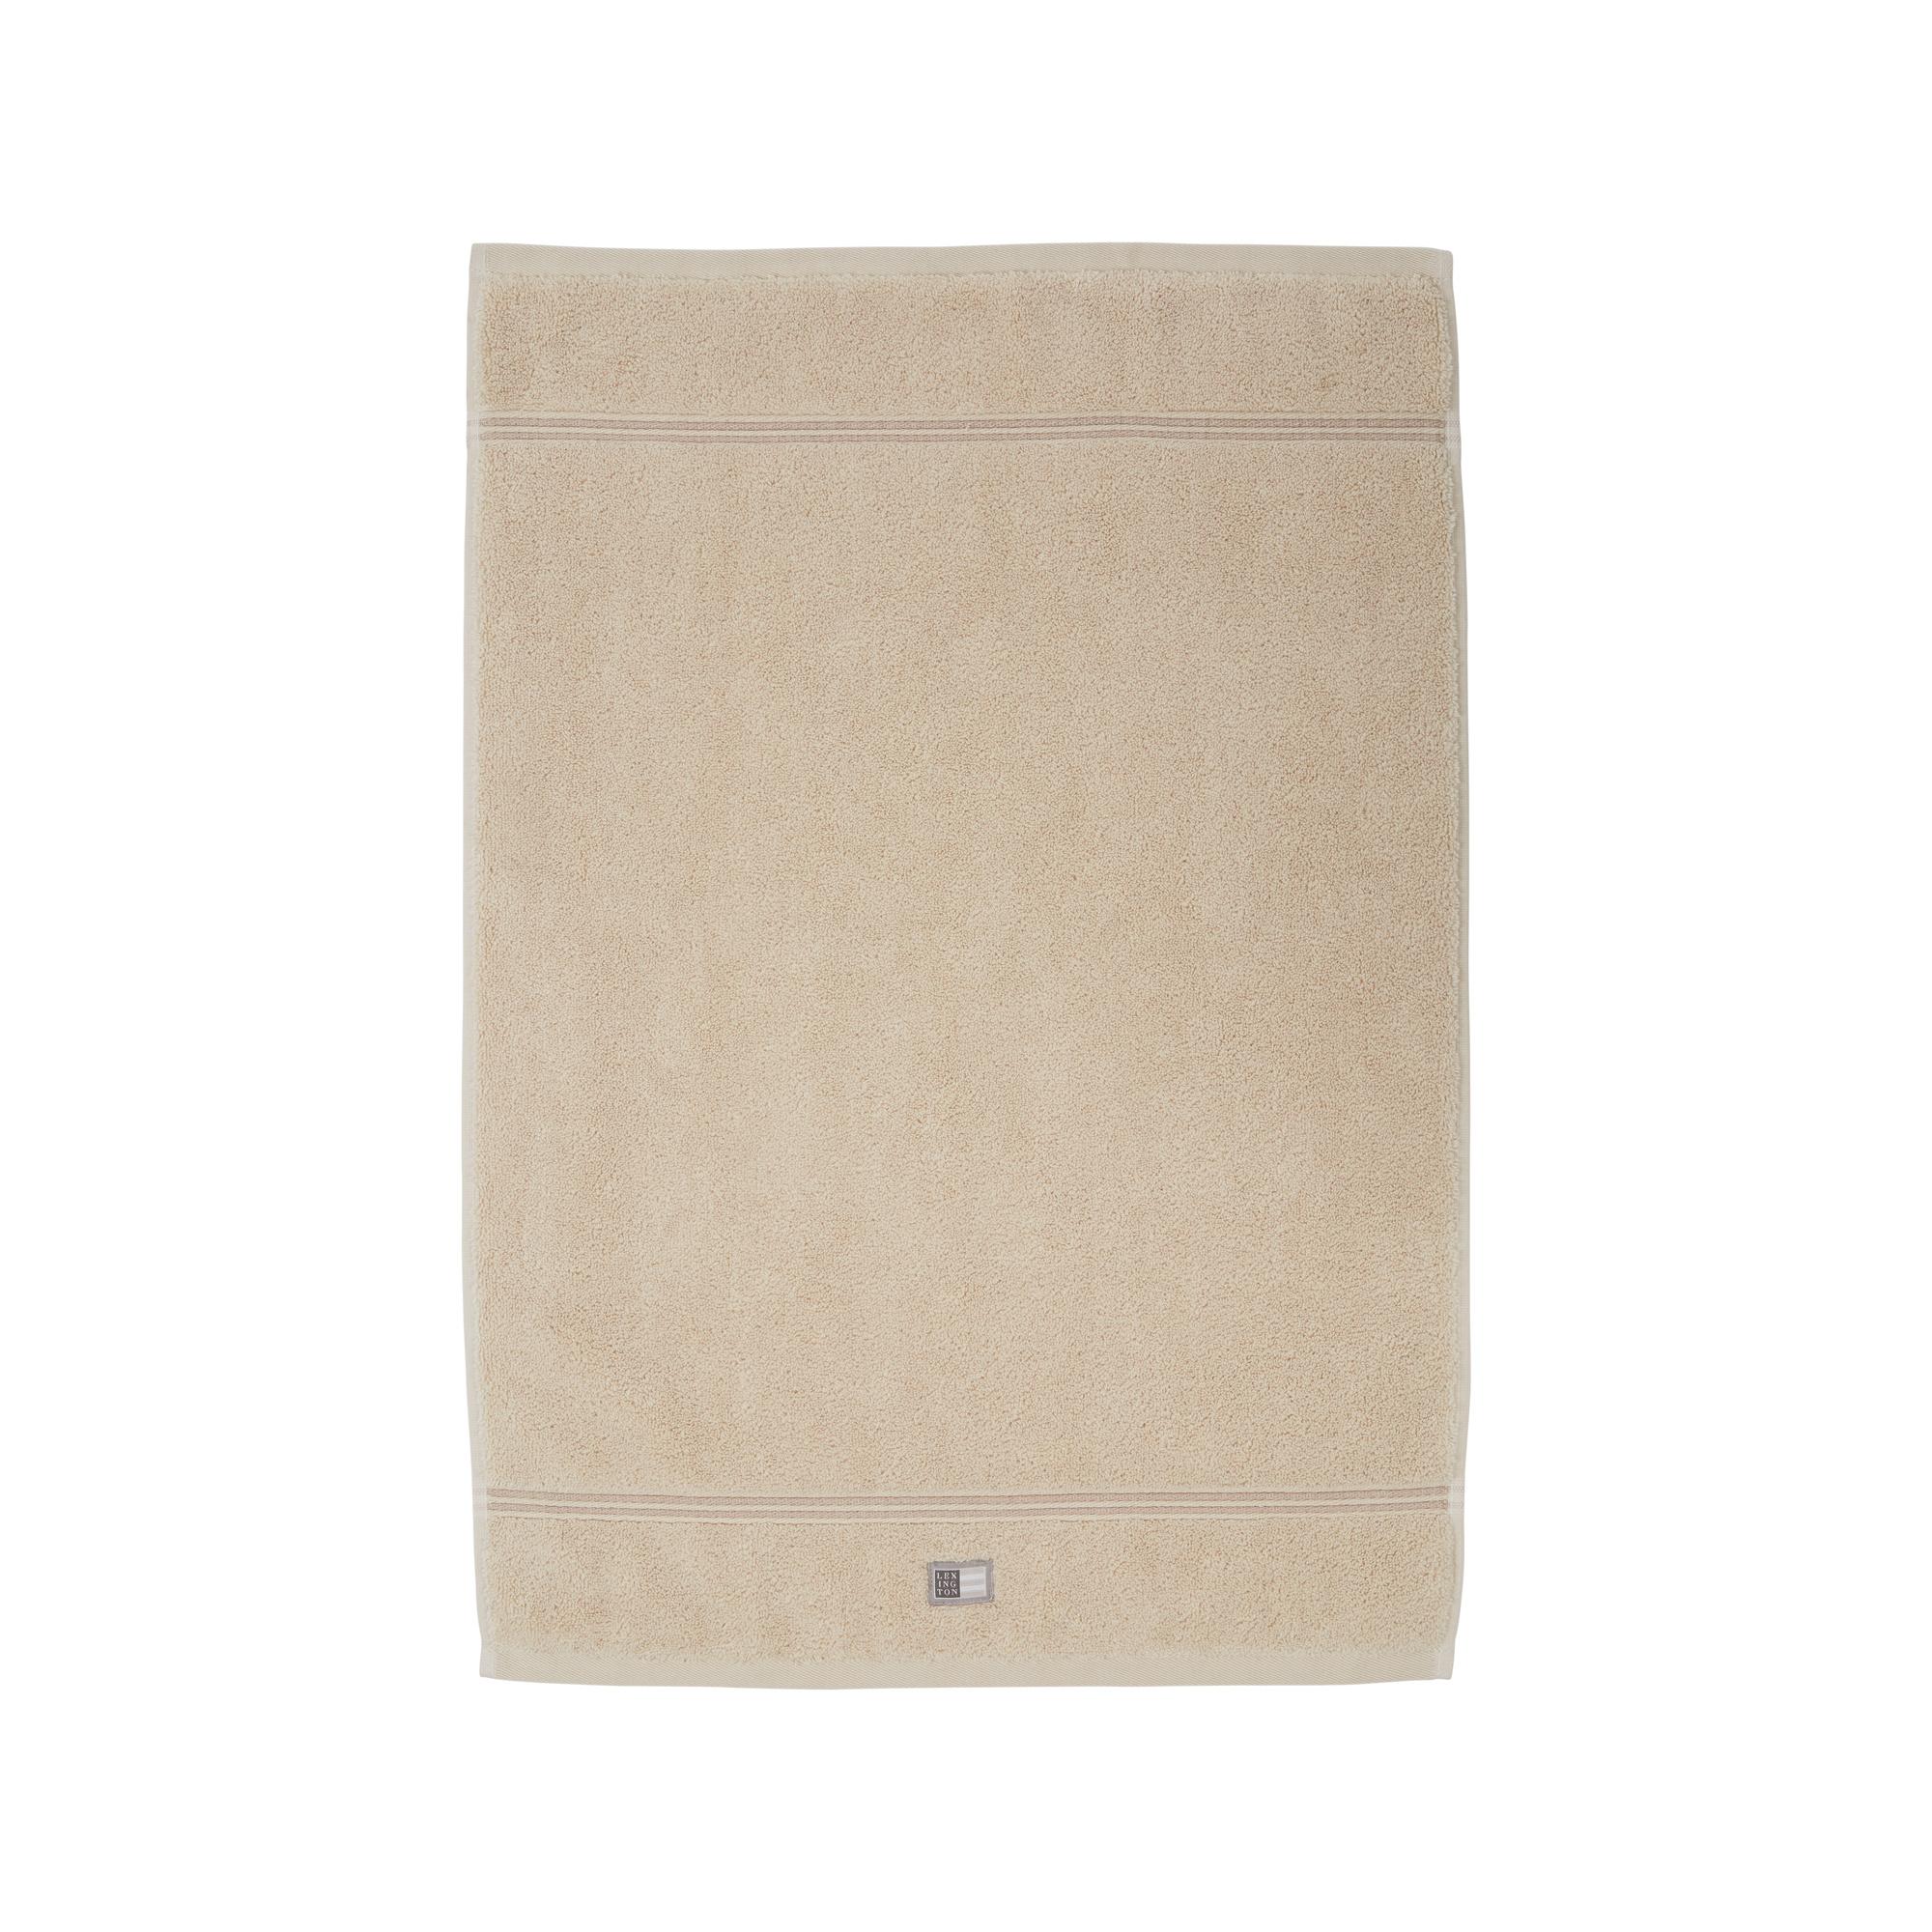 Lexington Hotel Towel Beige/Beige